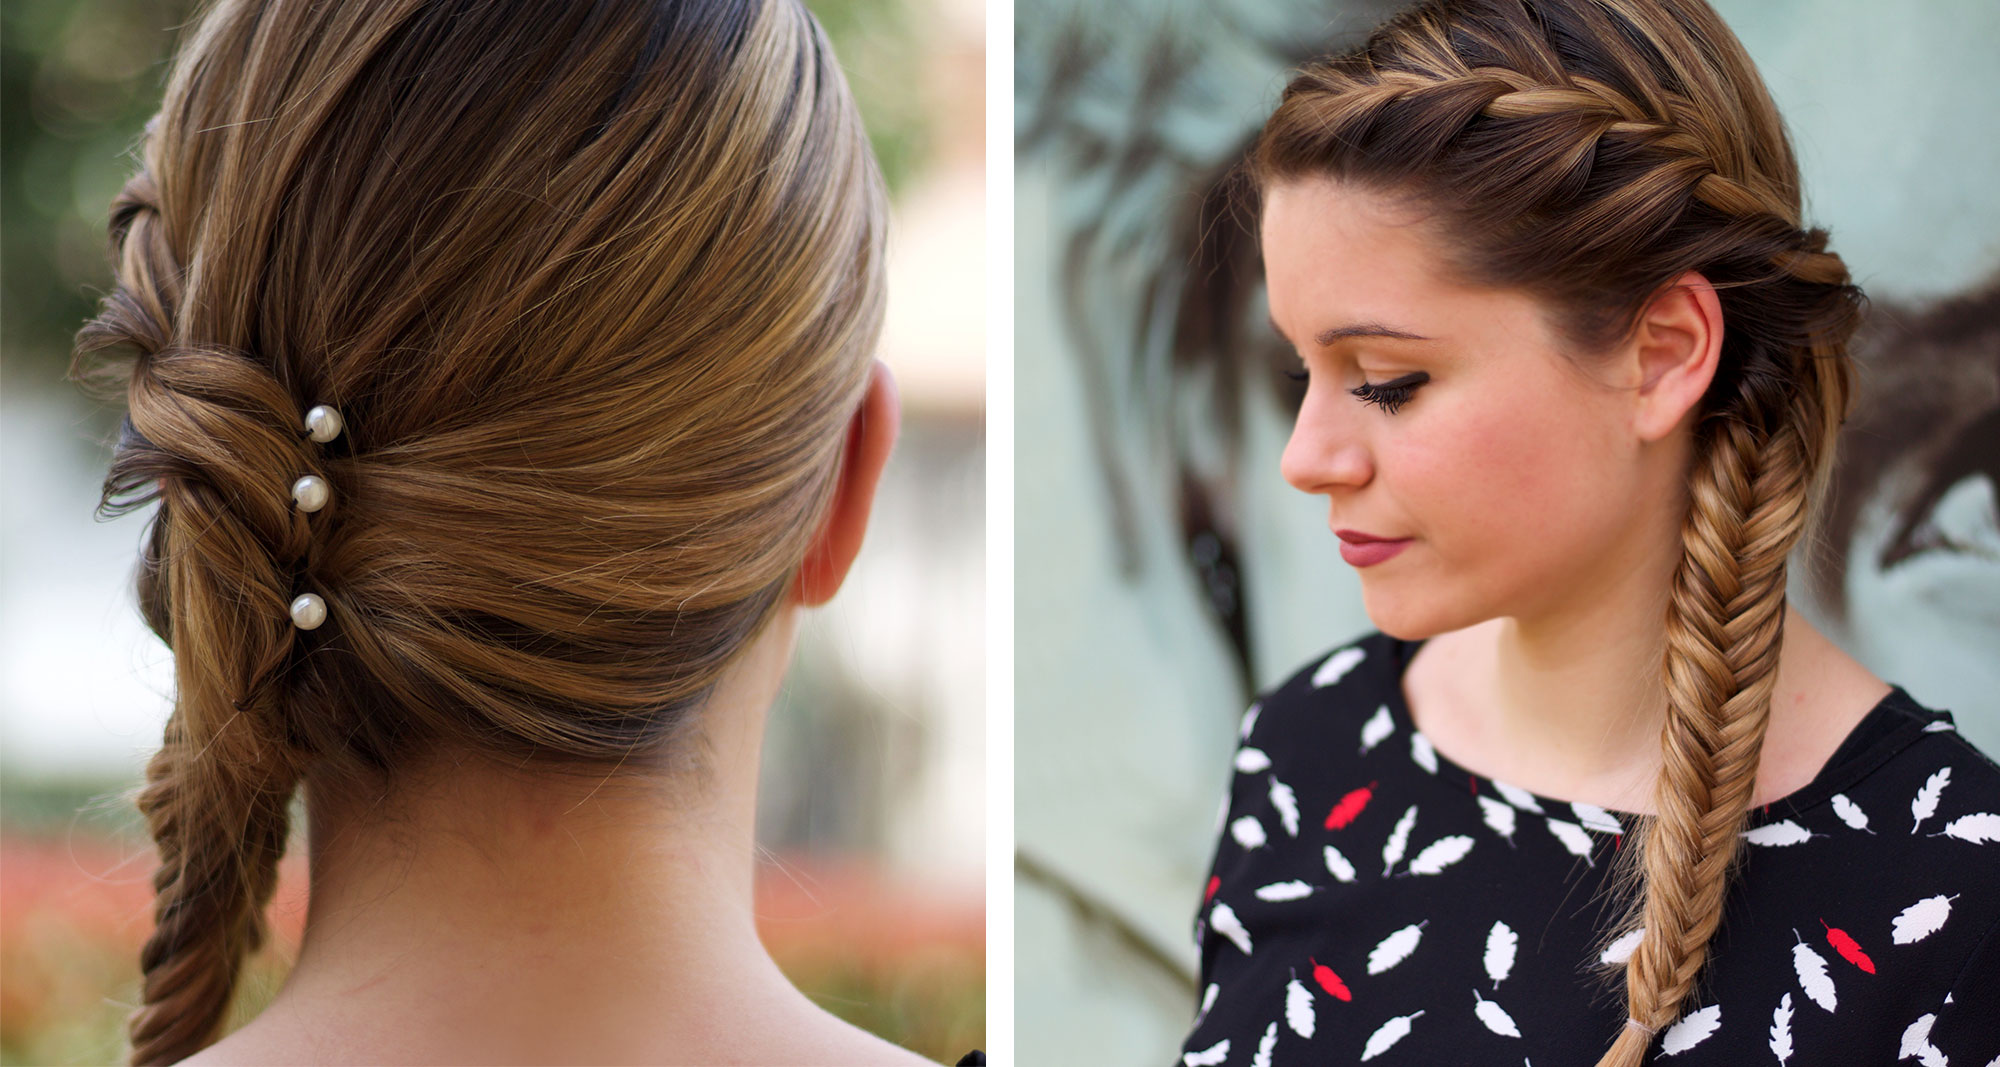 Прически на длинные волосы для подростков в школу для девочек